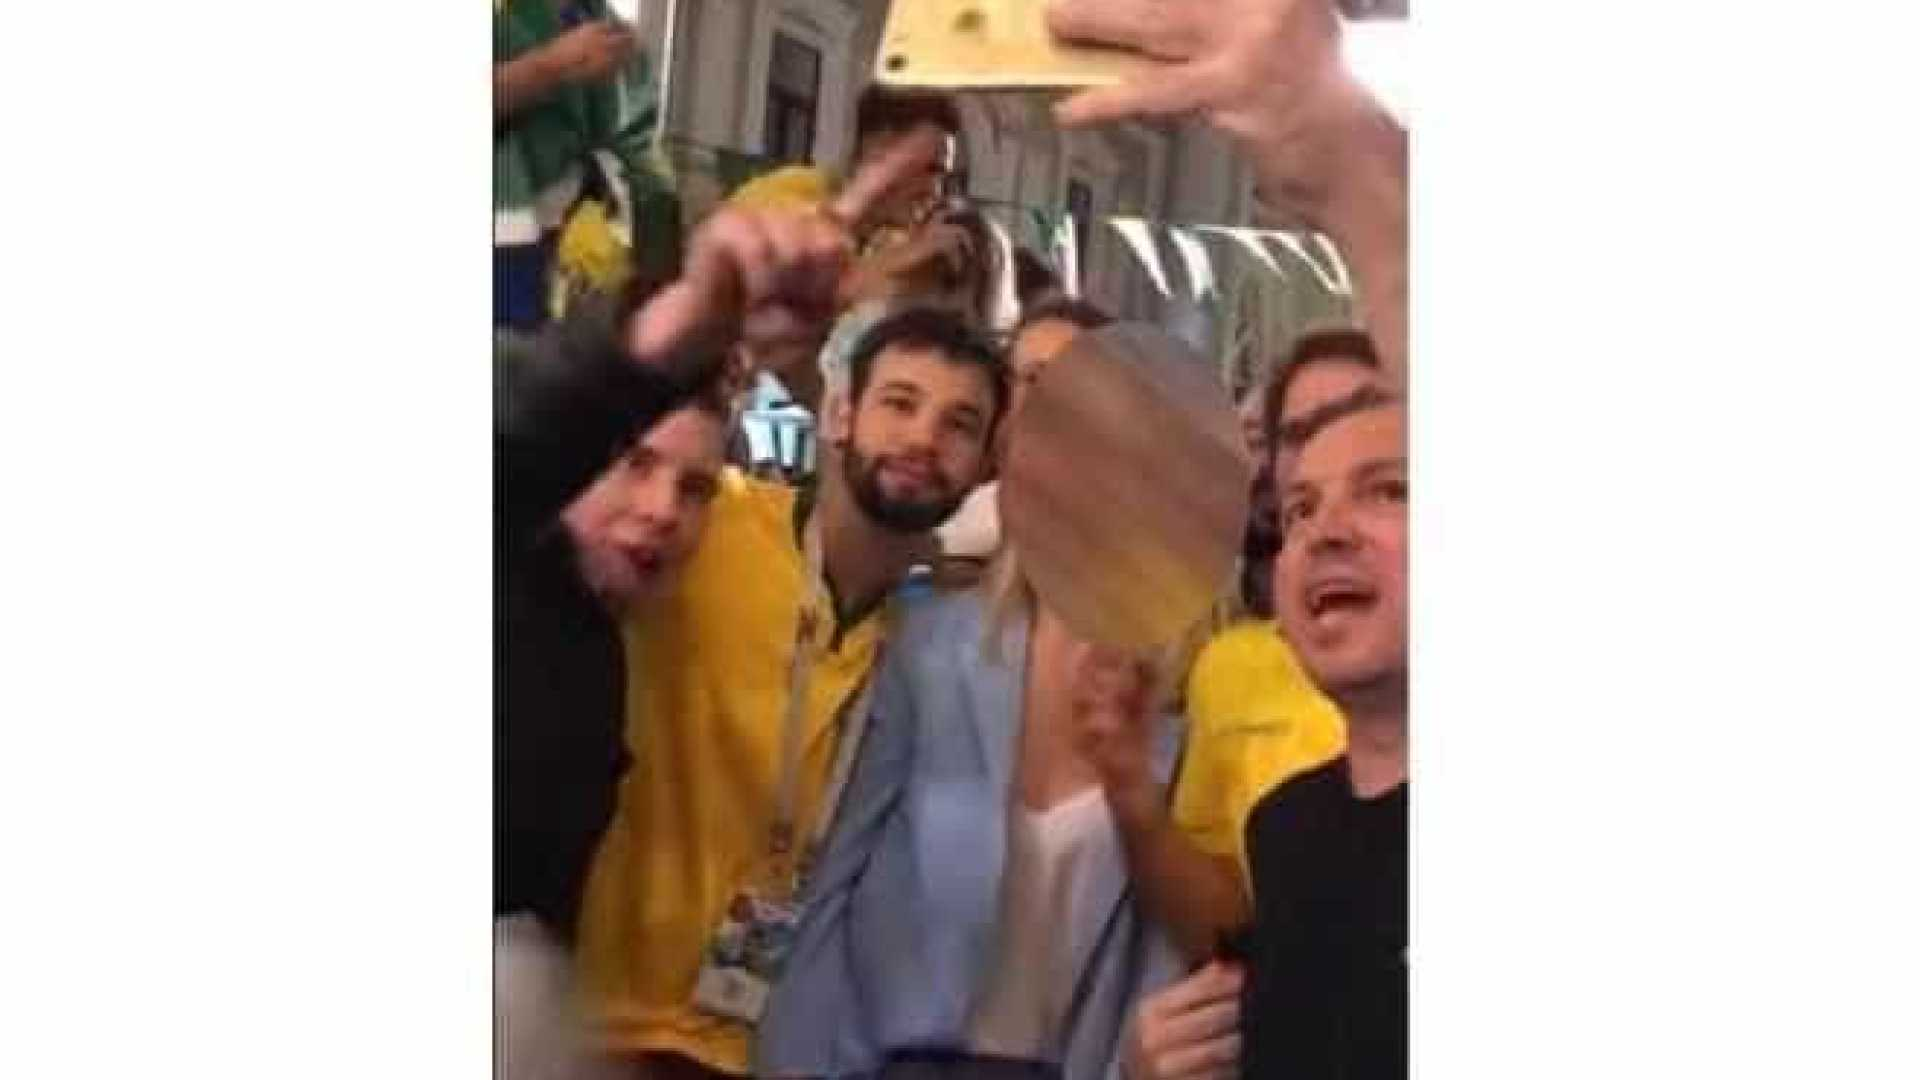 naom 5b2a109a29325 - 'Estão acabando com a vida da gente' diz um dos Brasileiros que assediou mulher na Rússia